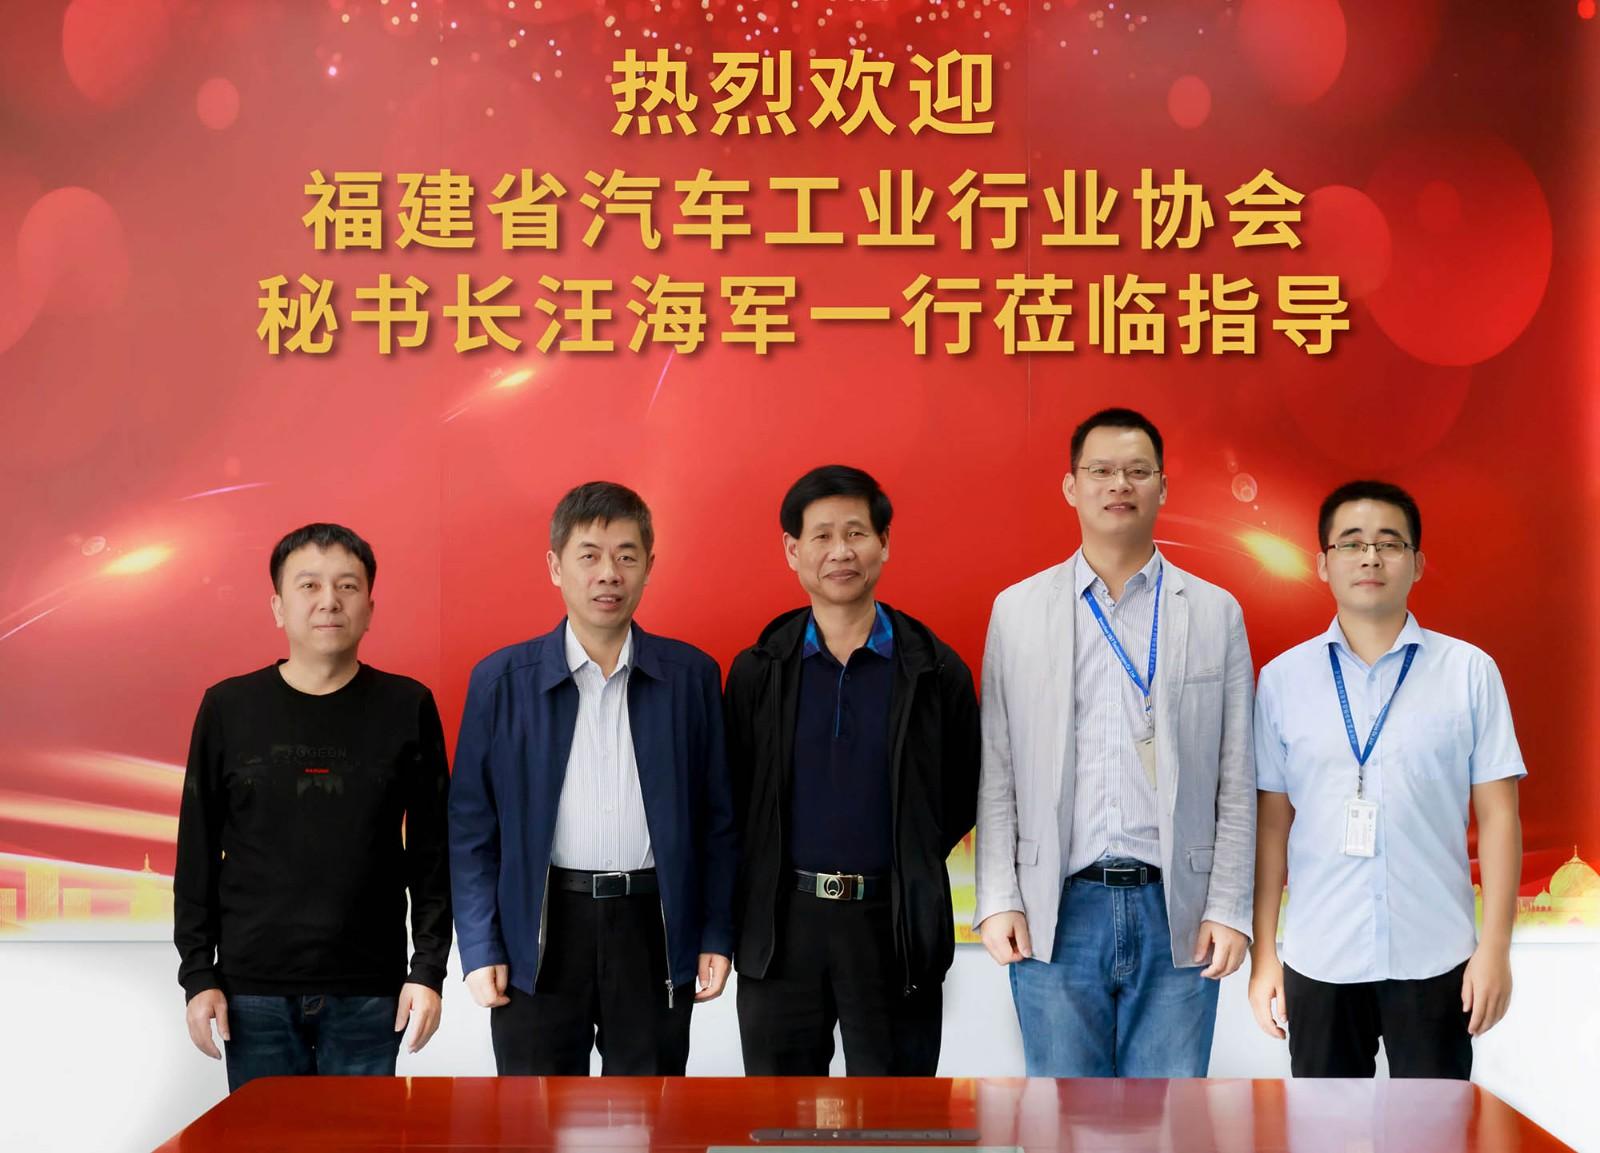 福建省汽车工业行业协会秘书长到访蓝海华腾